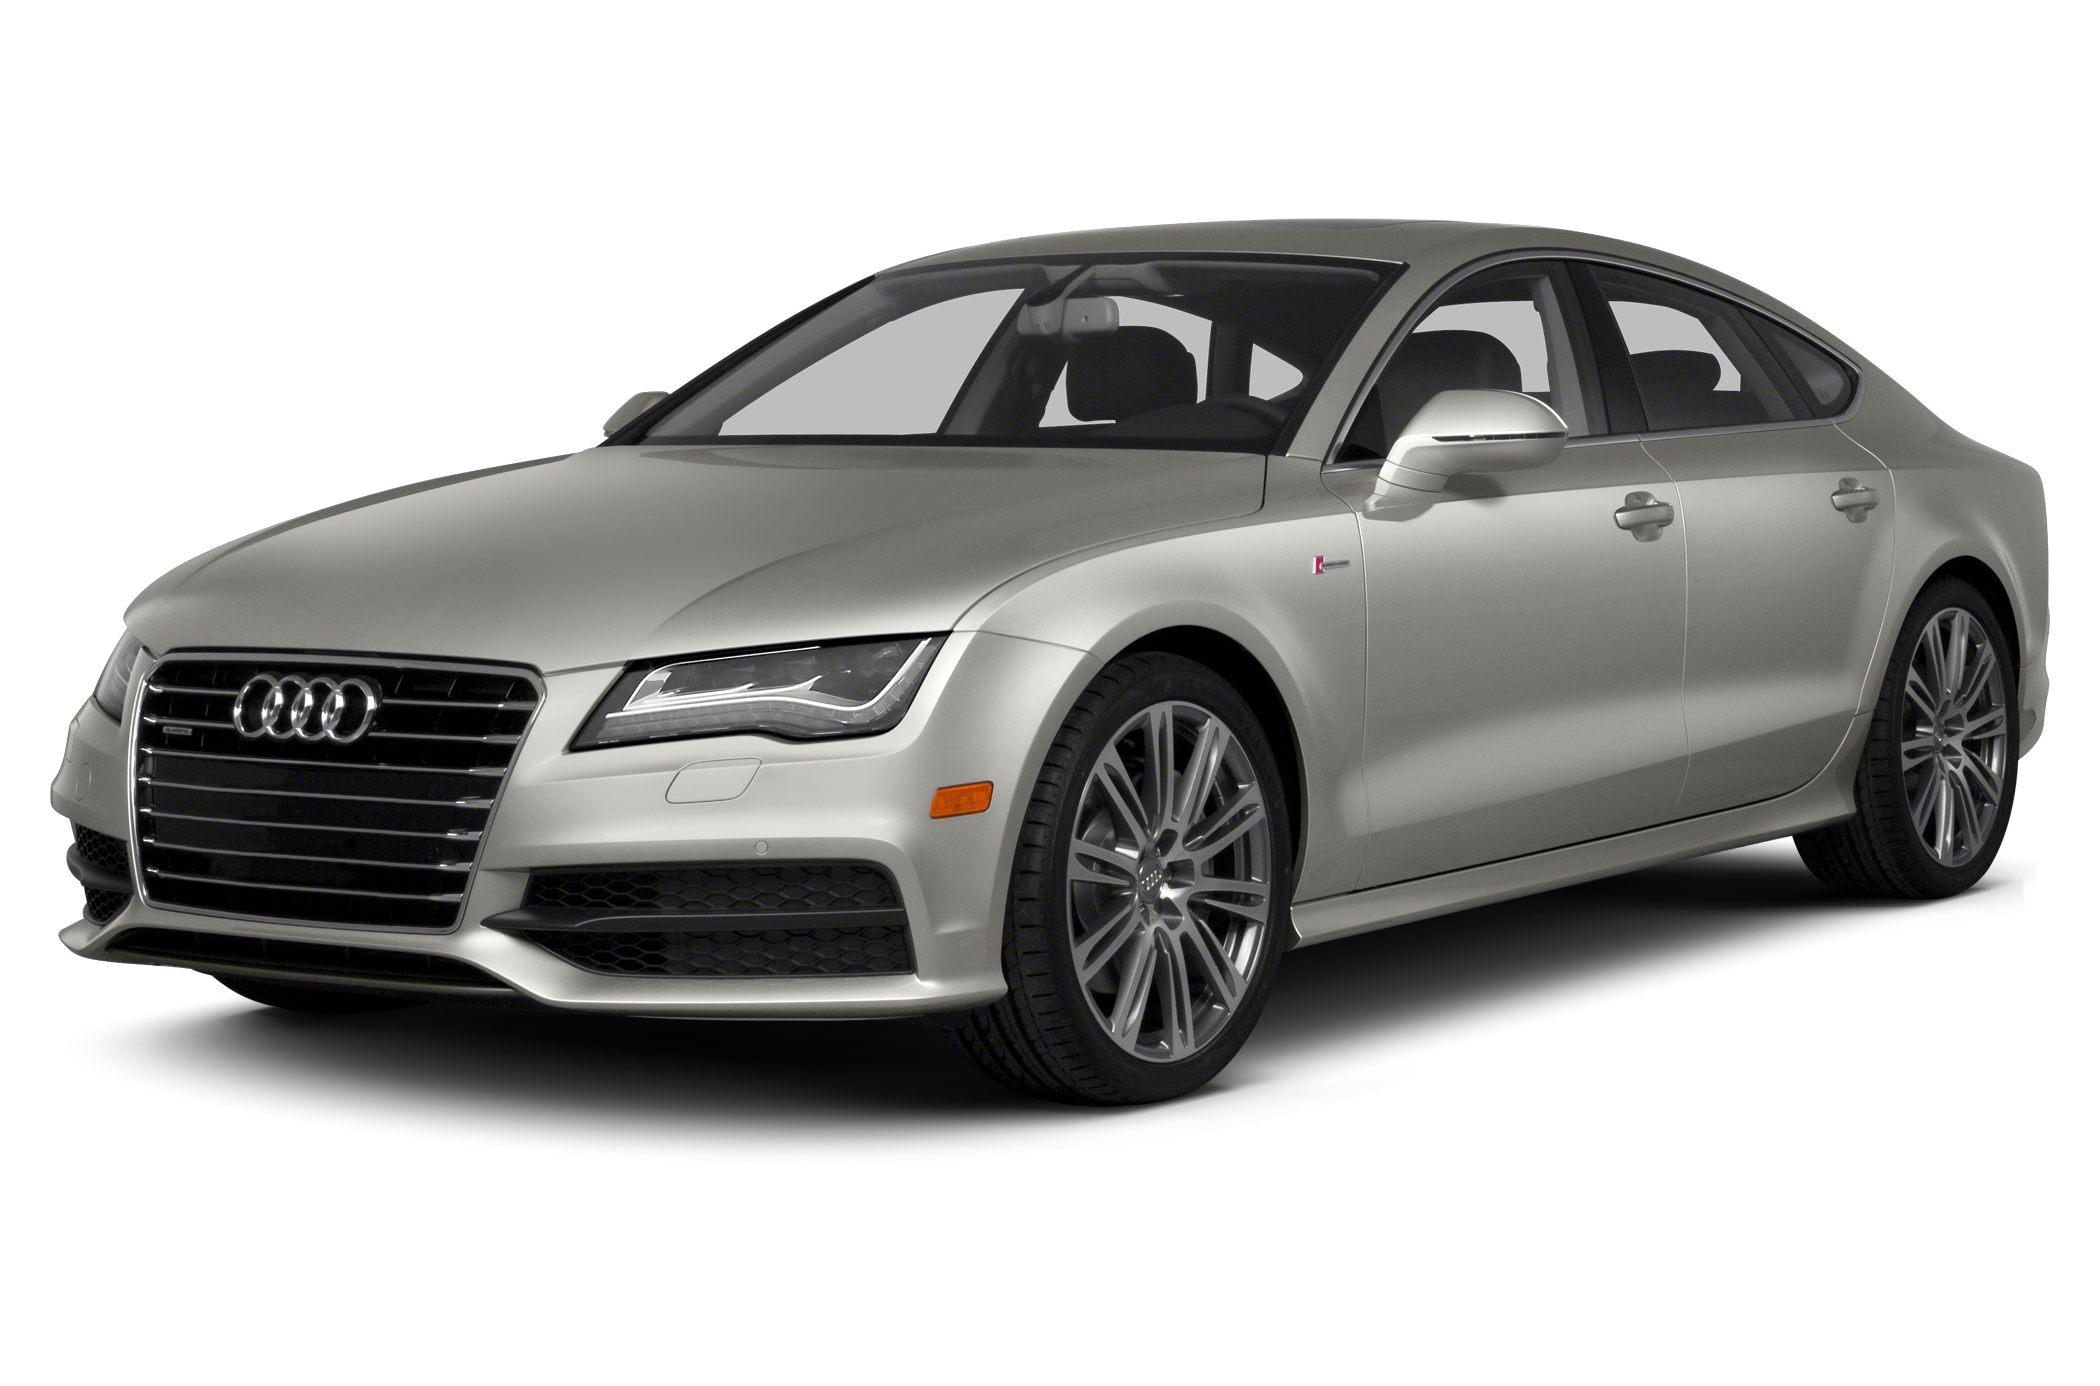 Kelebihan Audi A7 2014 Top Model Tahun Ini